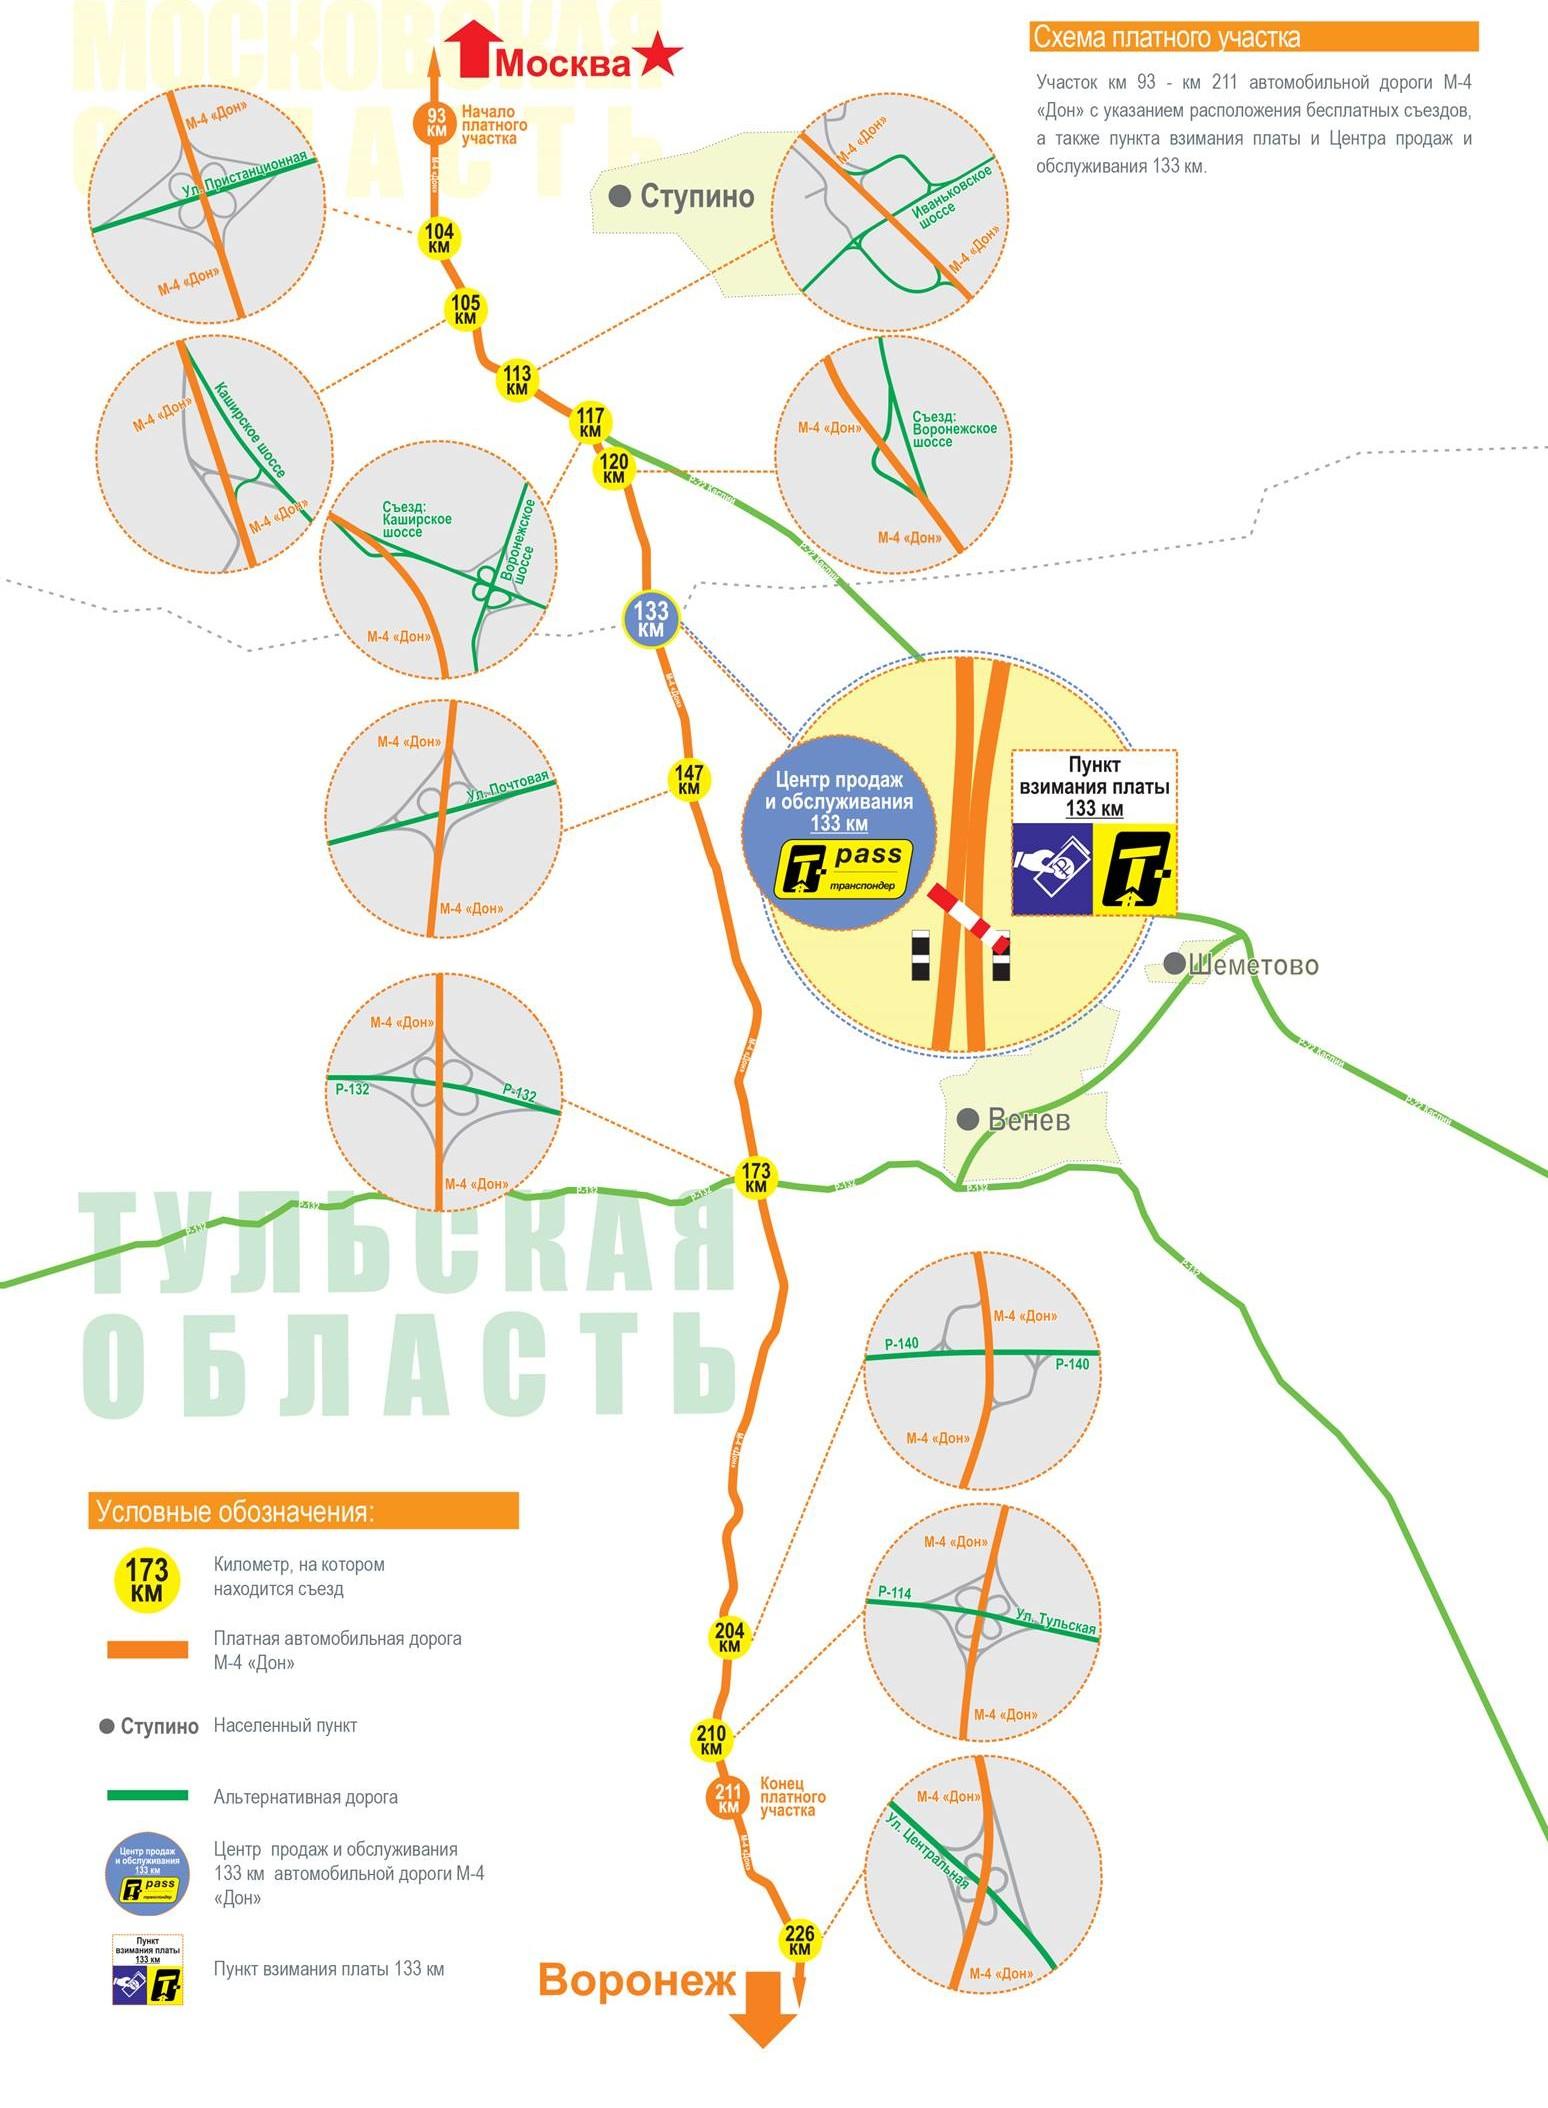 Схема участка с развязками и альтернативными маршрутами